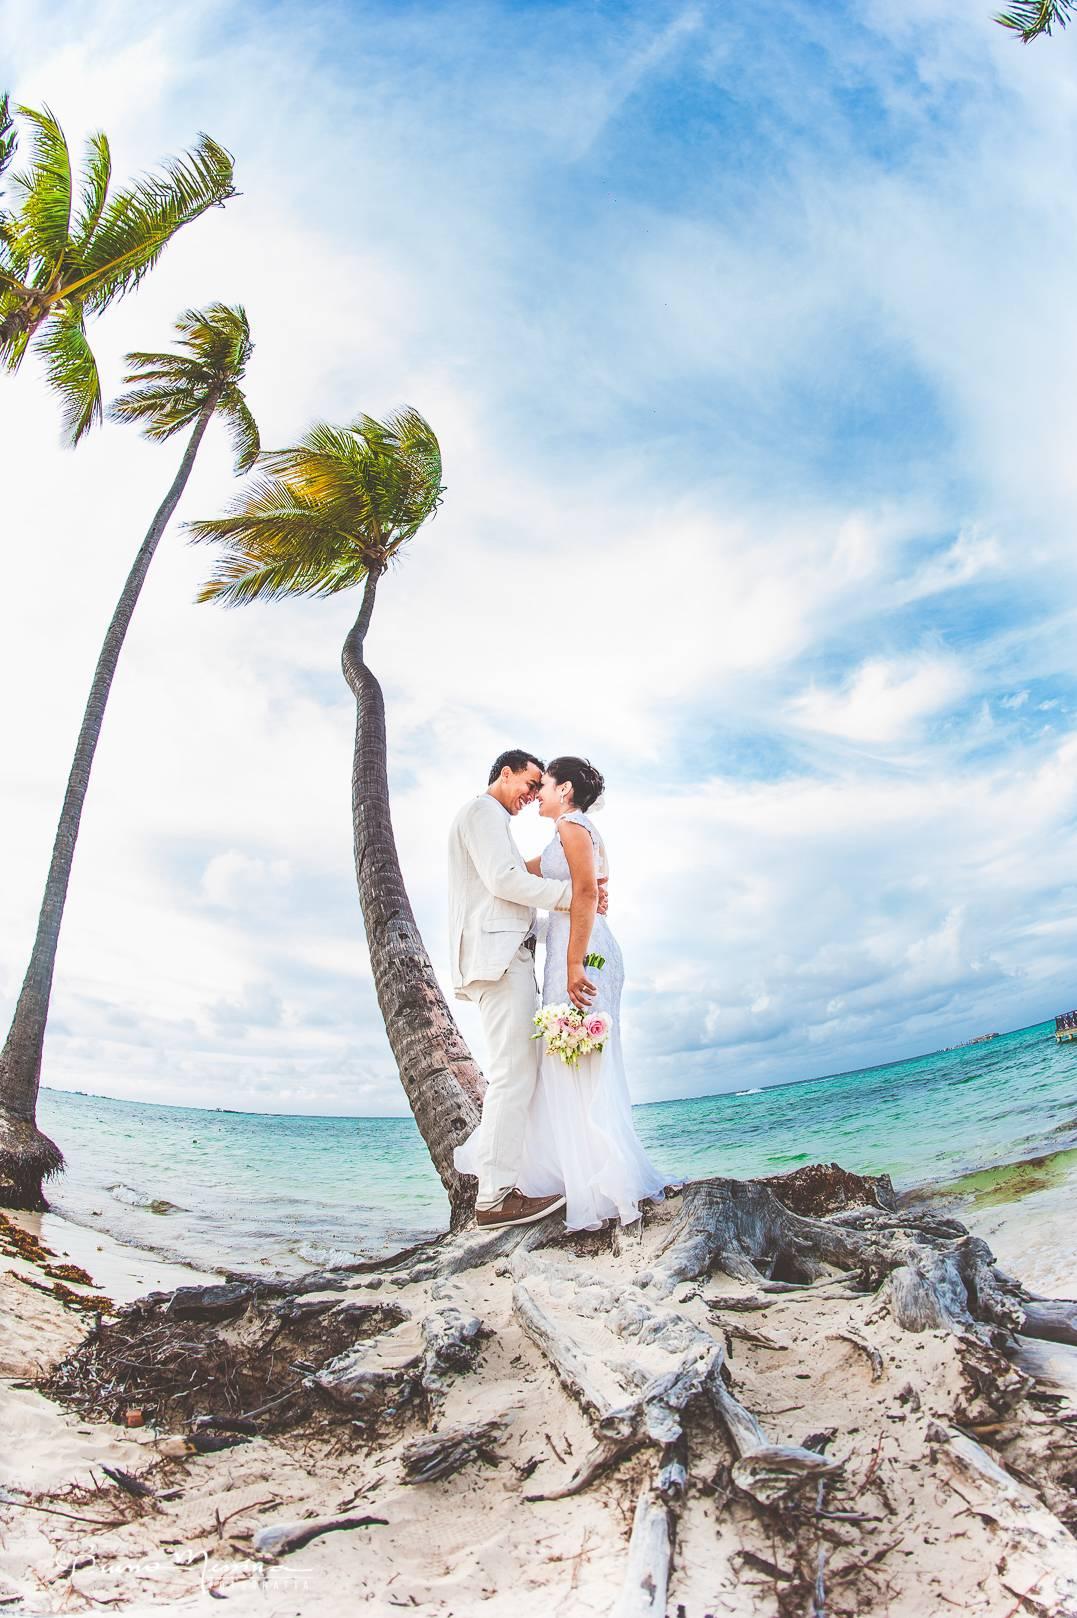 Casamento-em-Punta-Cana-35